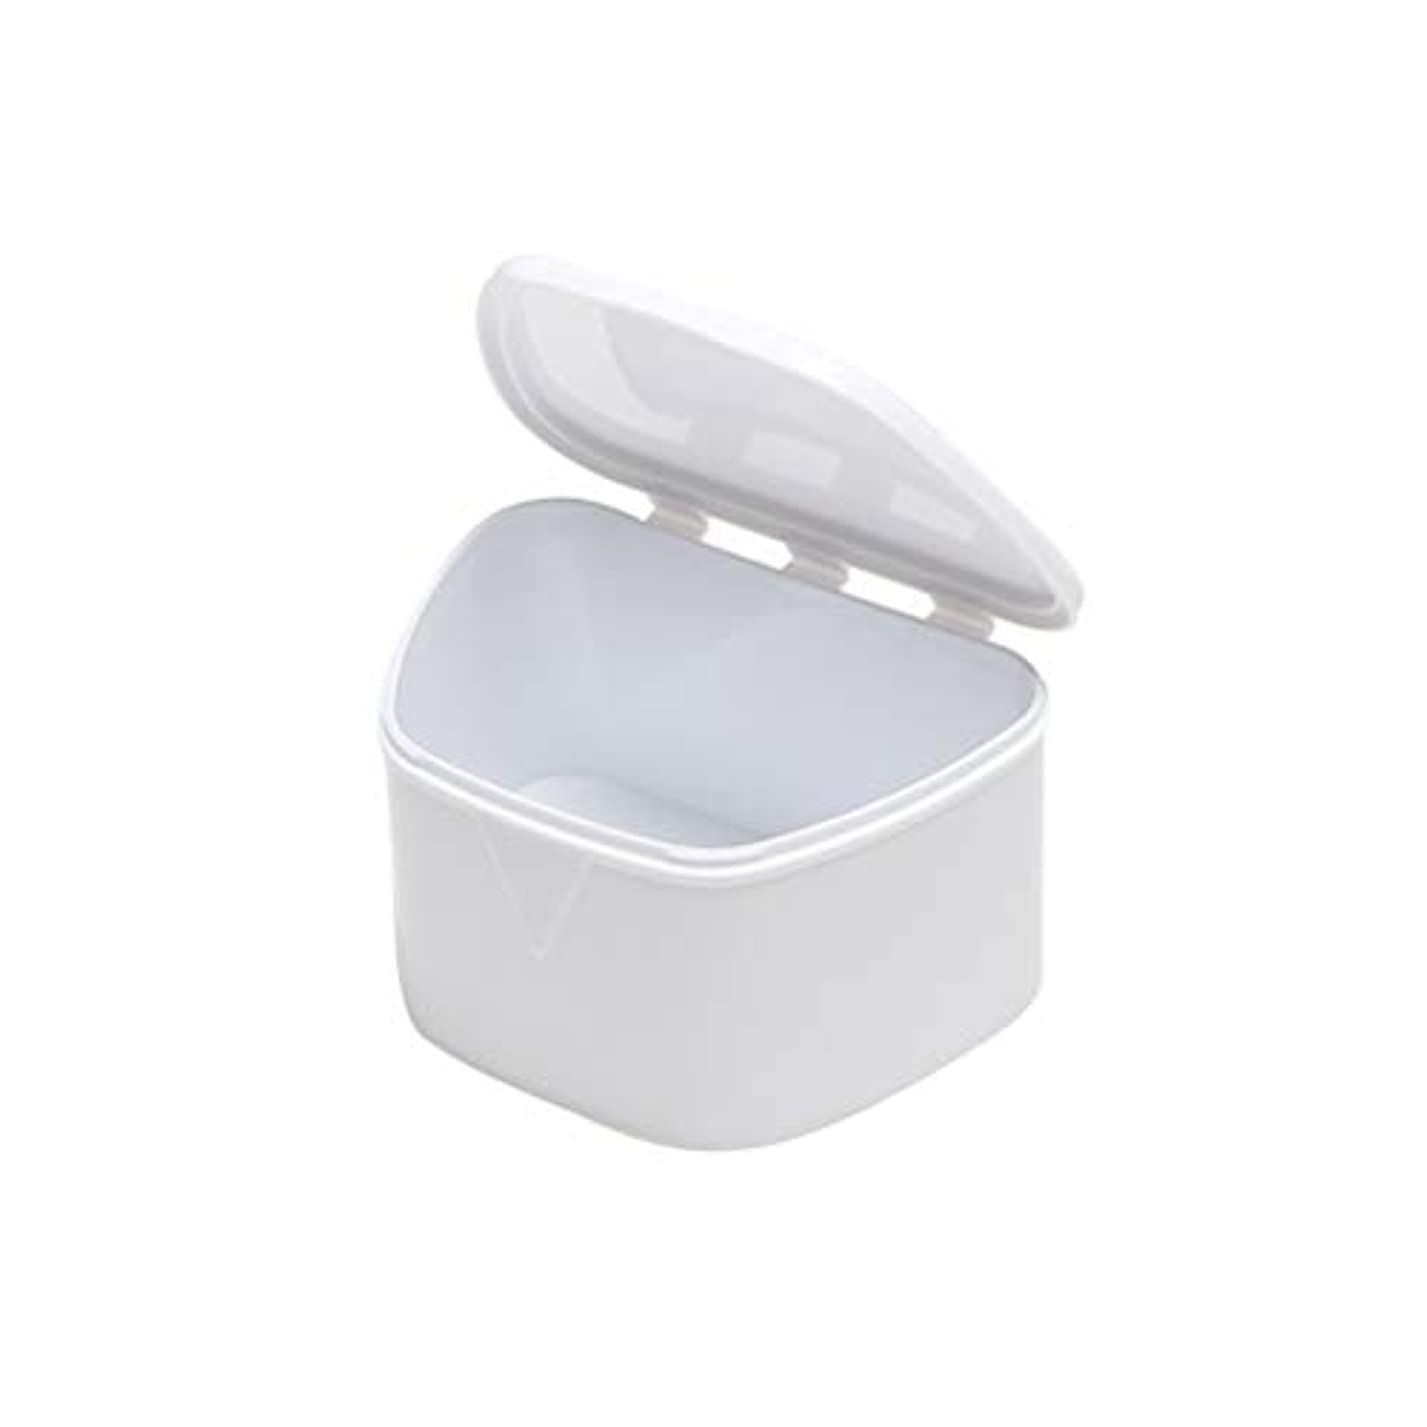 無駄な骨集団Healifty 義歯ケースリテーナーケースポータブル矯正歯科リテーナーボックス(ホワイト)